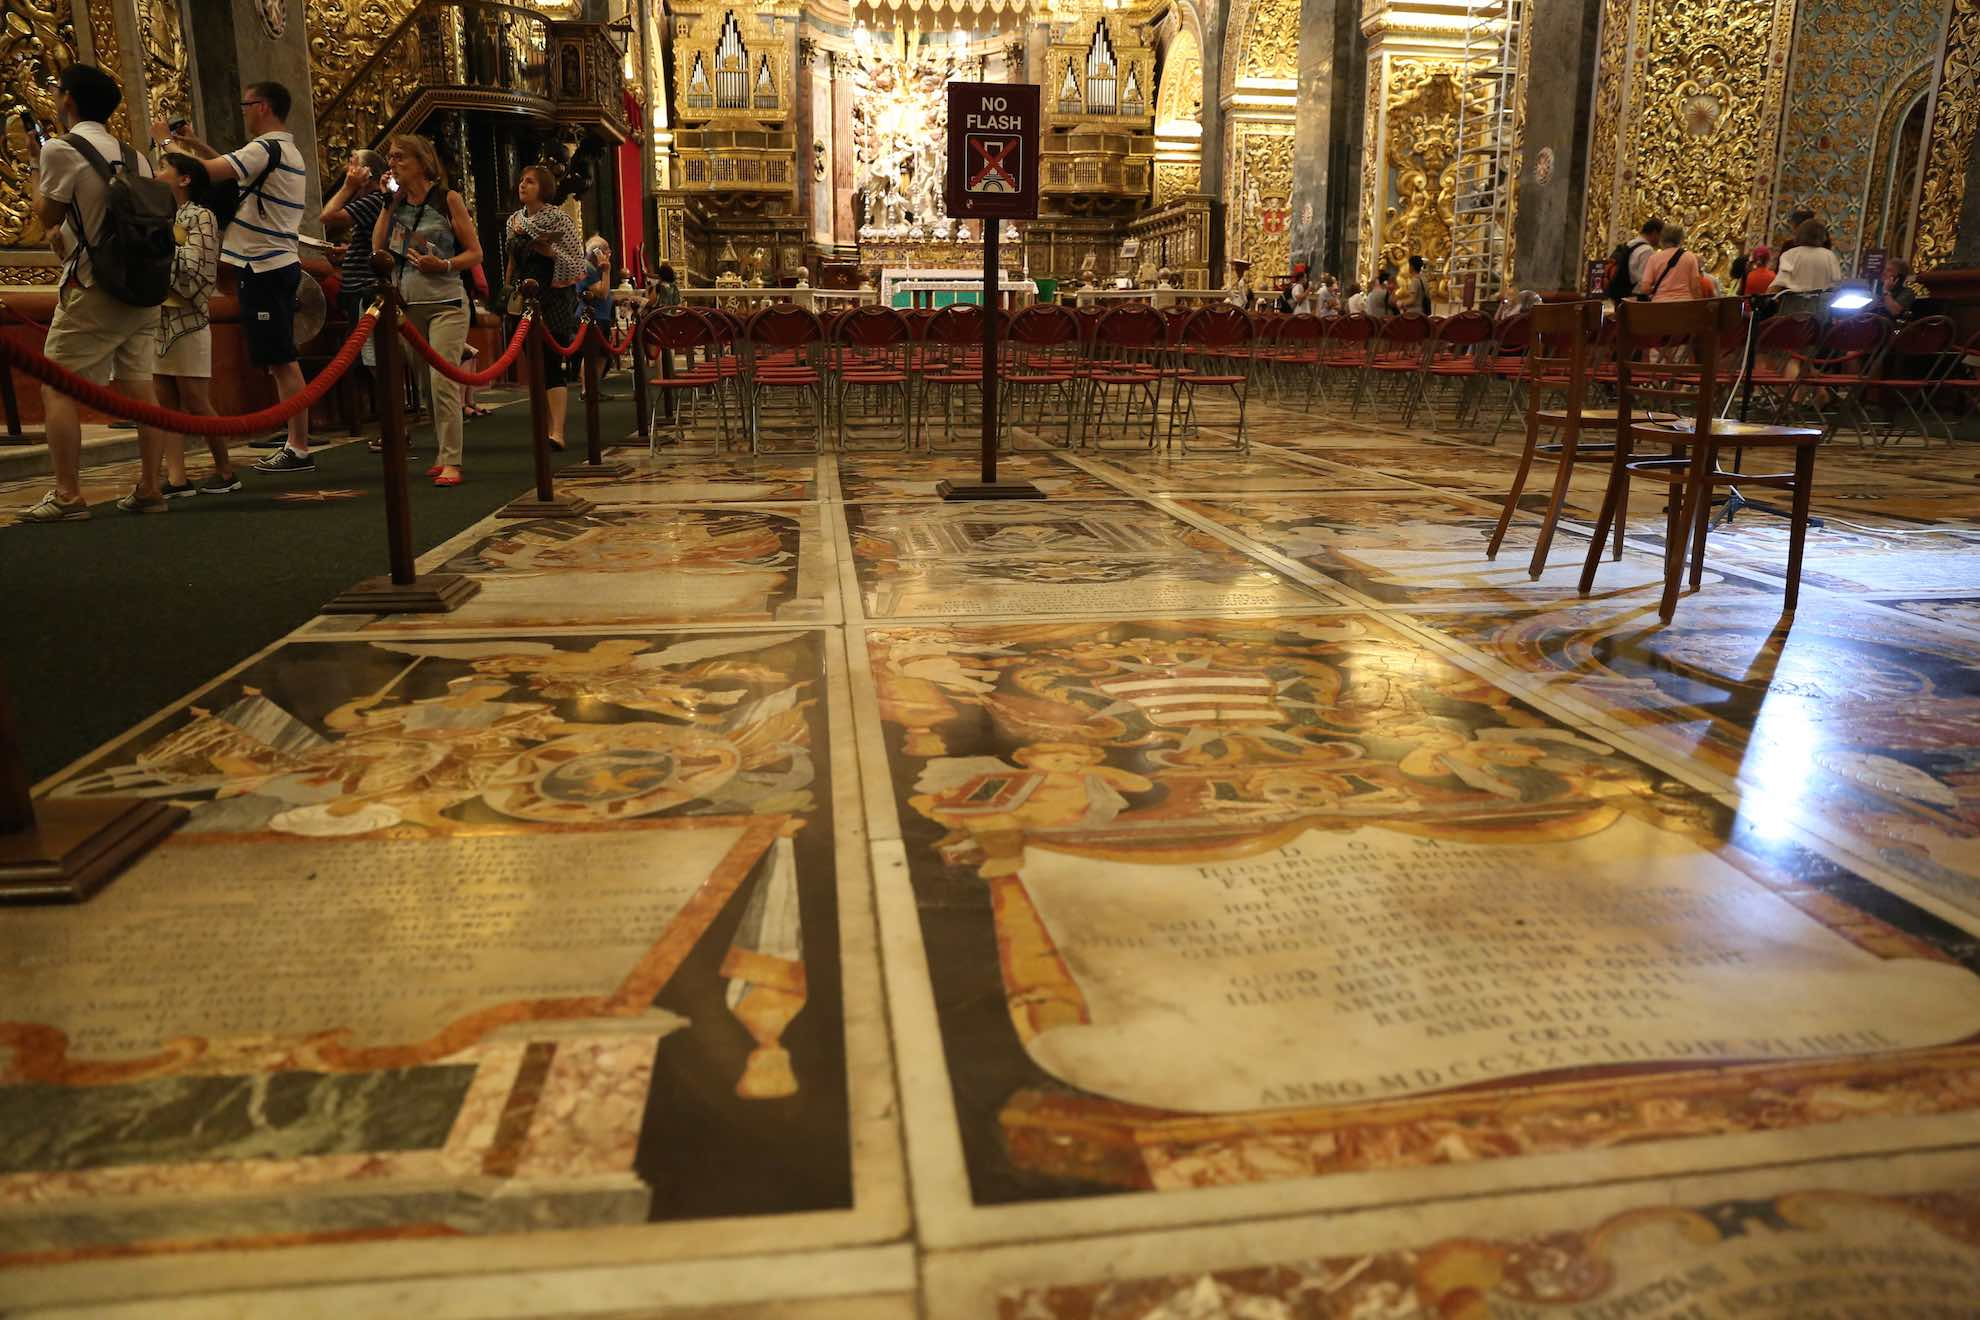 Der Boden besteht aus 375 Grabplatten aus Einlegearbeiten in Marmor.